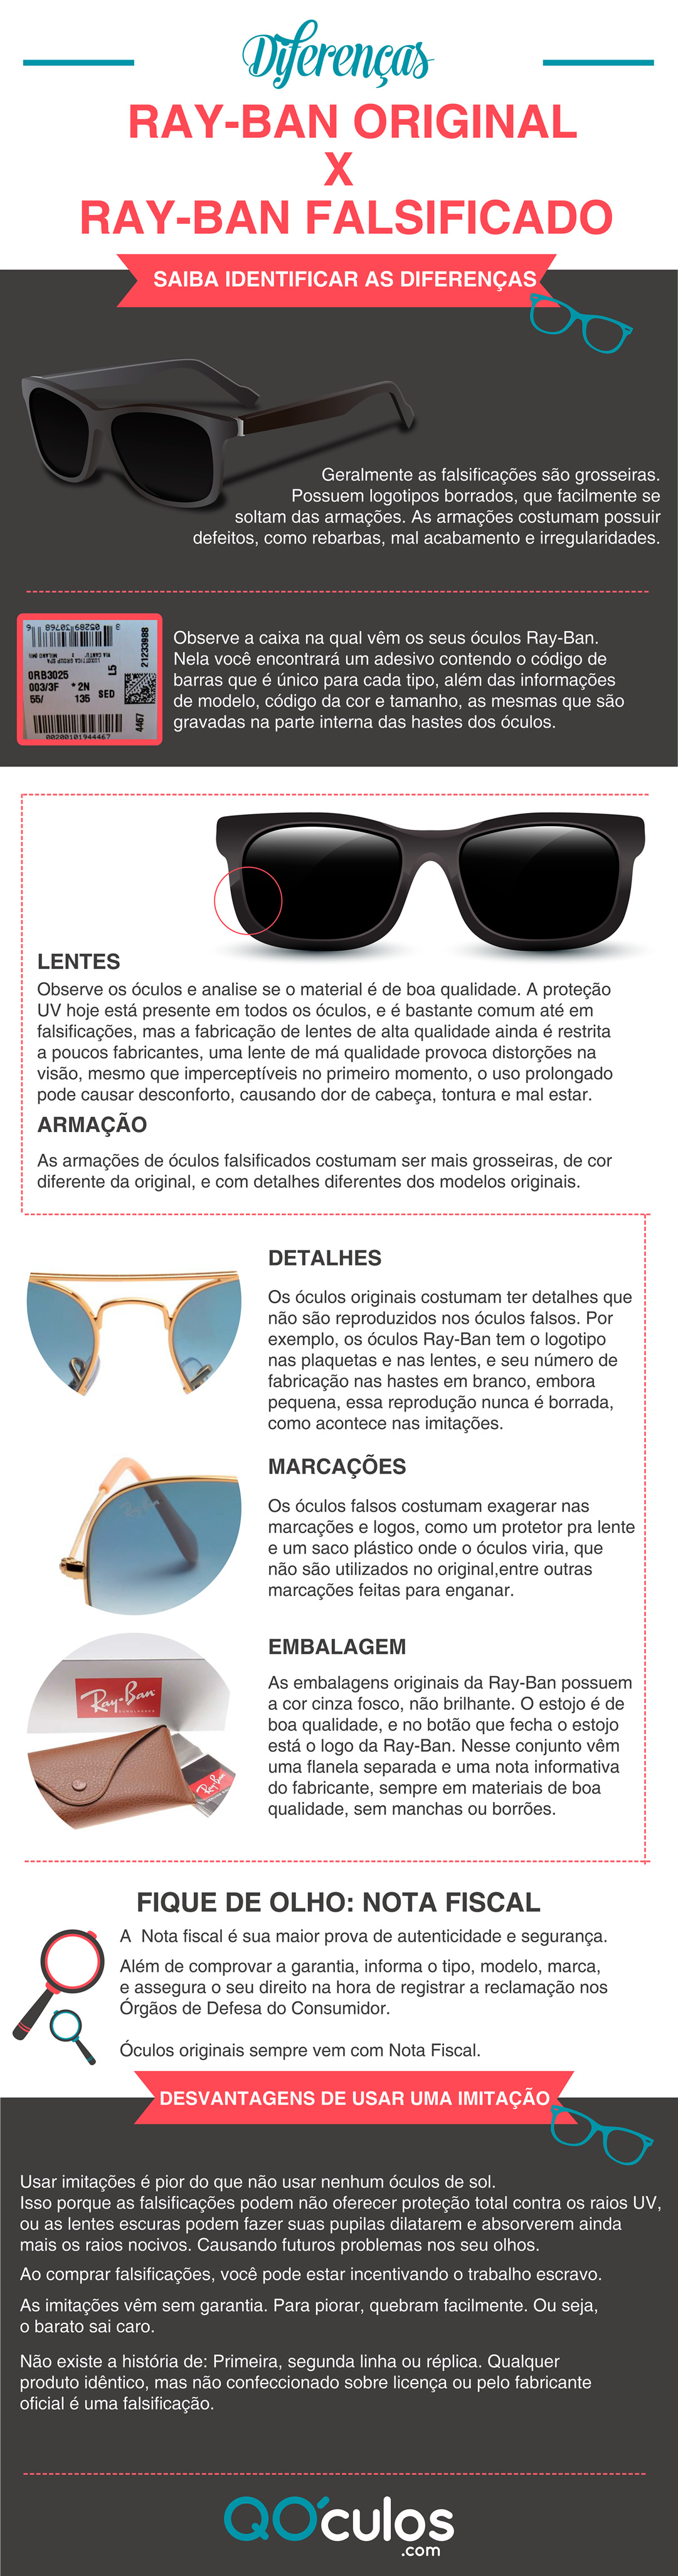 8542d87e2 infografico-como-identificar-oculos-original-ou-oculos-falsificado